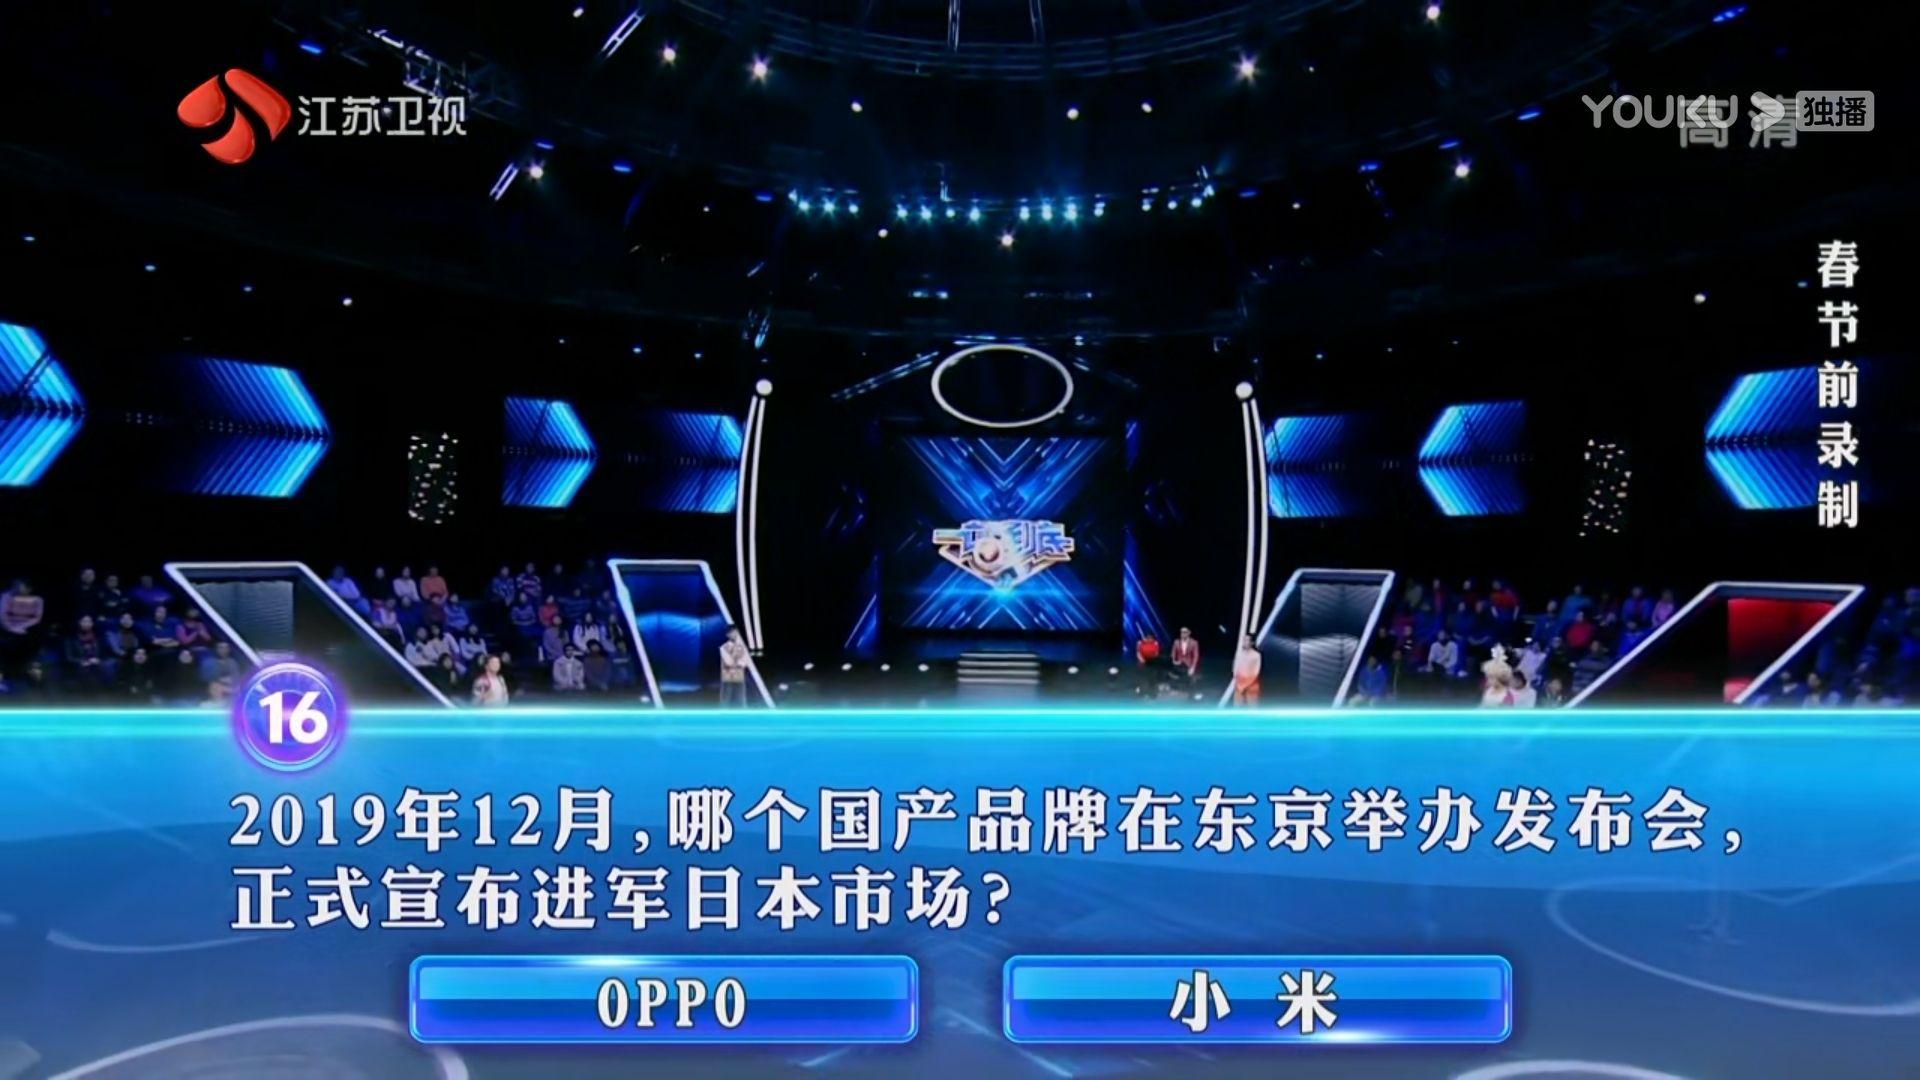 中国のクイズ番組でOPPOとXiaomiが登場、日本市場に関するクイズが出題